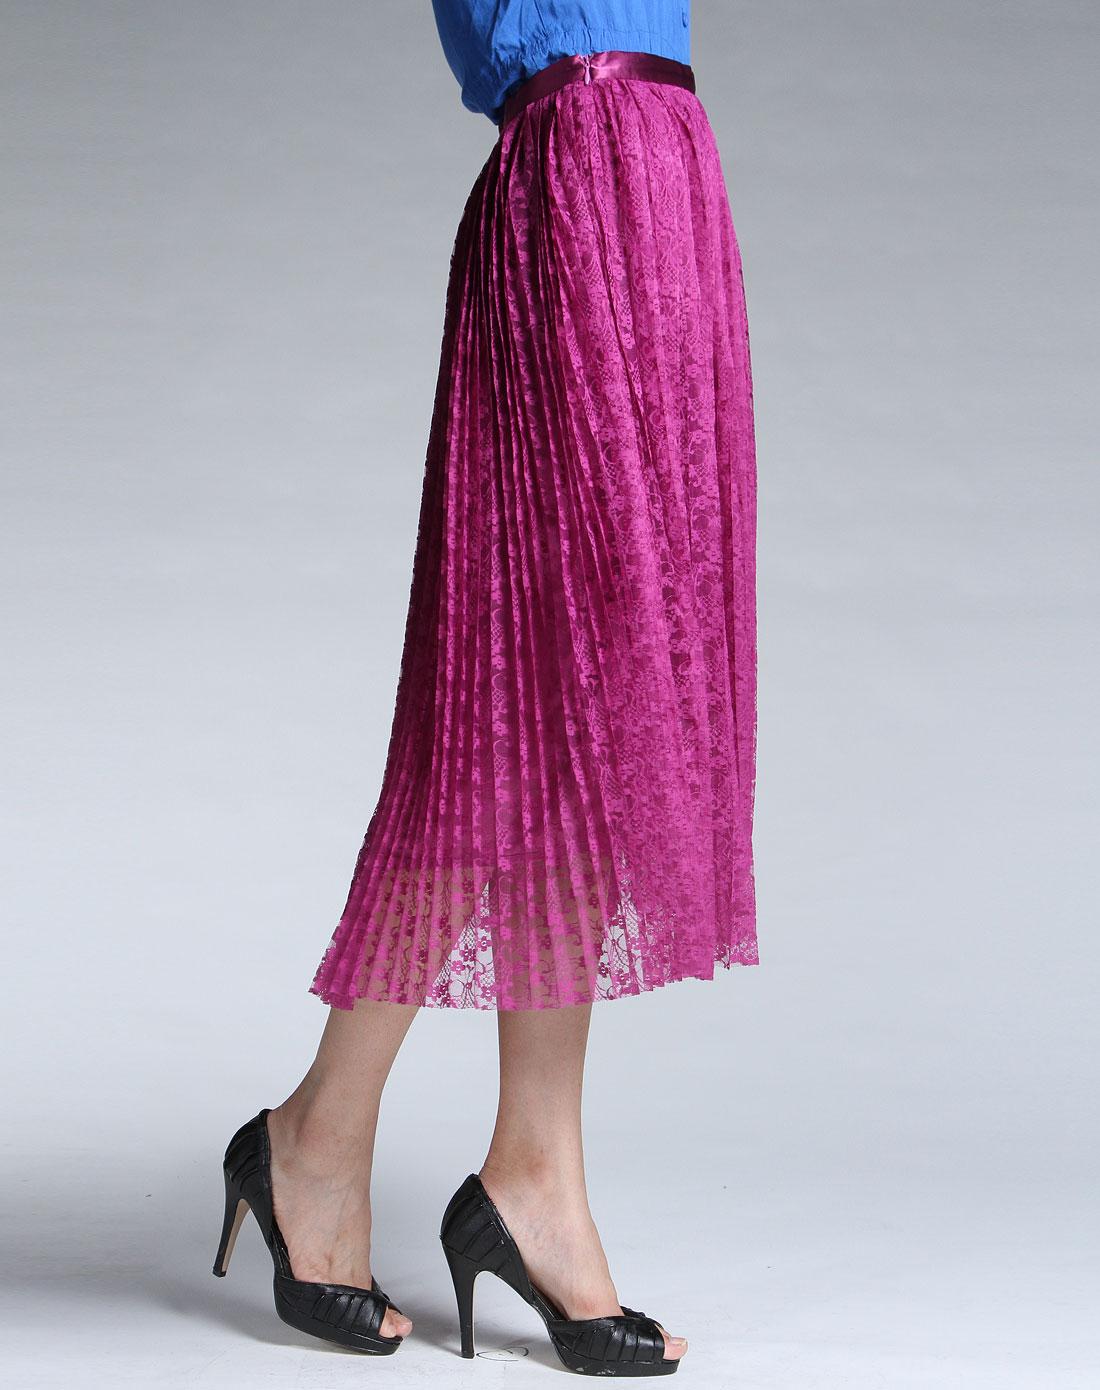 葡萄紫色蕾丝长裙图片